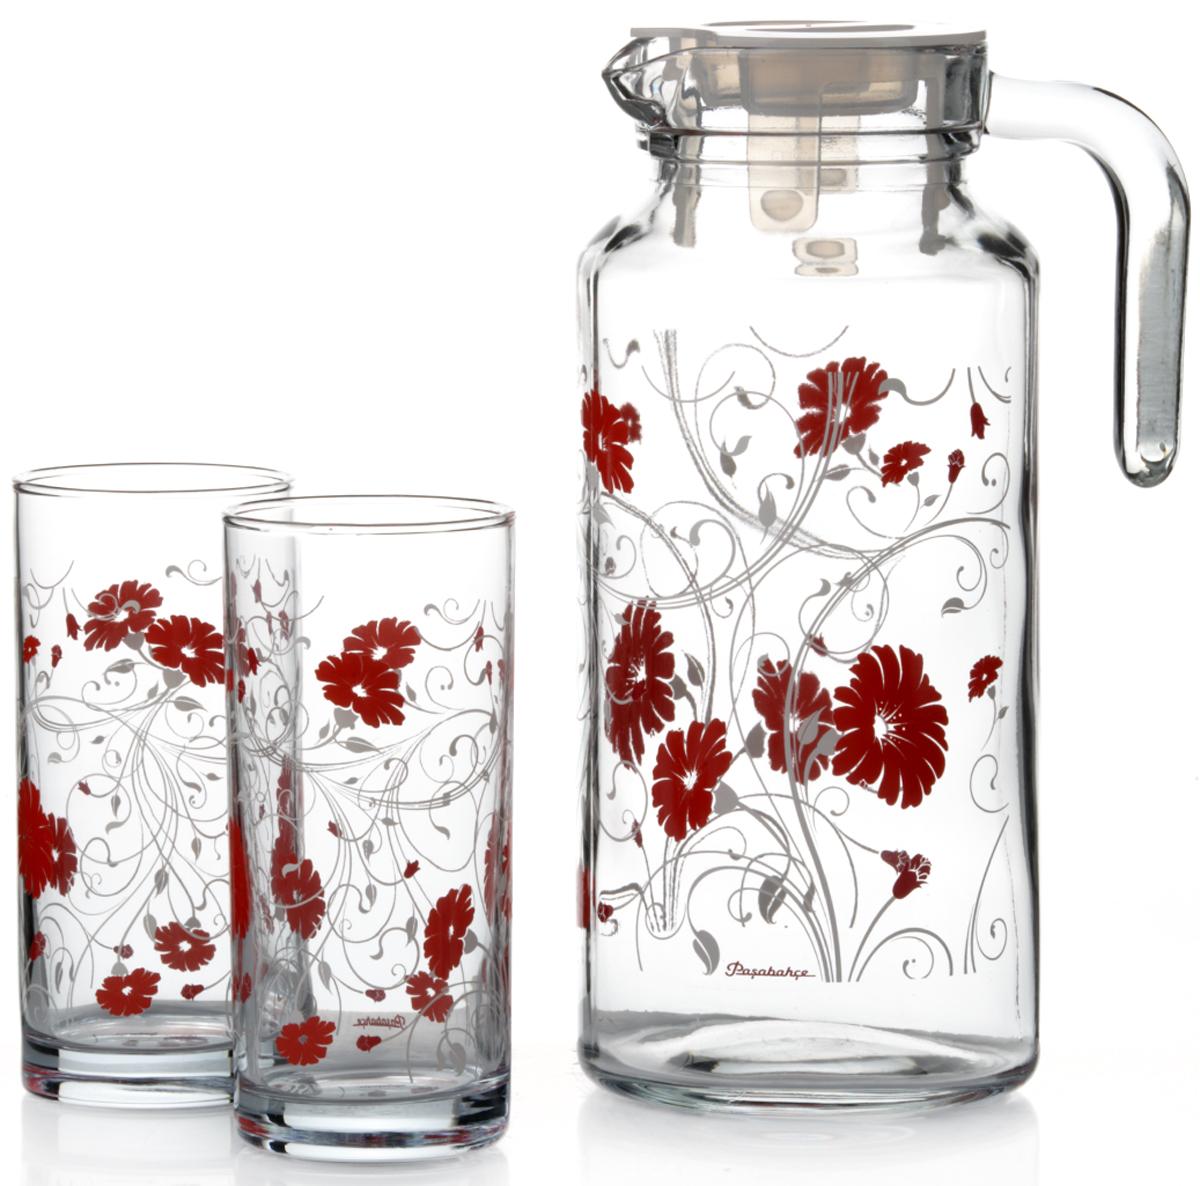 Набор питьевой Pasabahce Serenada, цвет: прозрачный, красный, 5 предметов95895BD3Питьевой набор Pasabahce Serenada состоит из 4 стаканов и кувшина. Изделия выполнены из высококачественного прочного стекла и декорированыцветочным рисунком. Набор прекрасно подходит для сока, воды, лимонада и других напитков. Изделия устойчивы к повреждениям и истиранию, в процессе эксплуатации не впитывают запахии сохраняют первоначальные краски. Можно мыть в посудомоечной машине.Объем кувшина: 1,3 л.Высота кувшина; 25 см. Объем стакана: 300 мл.Высота стакана: 13 см.